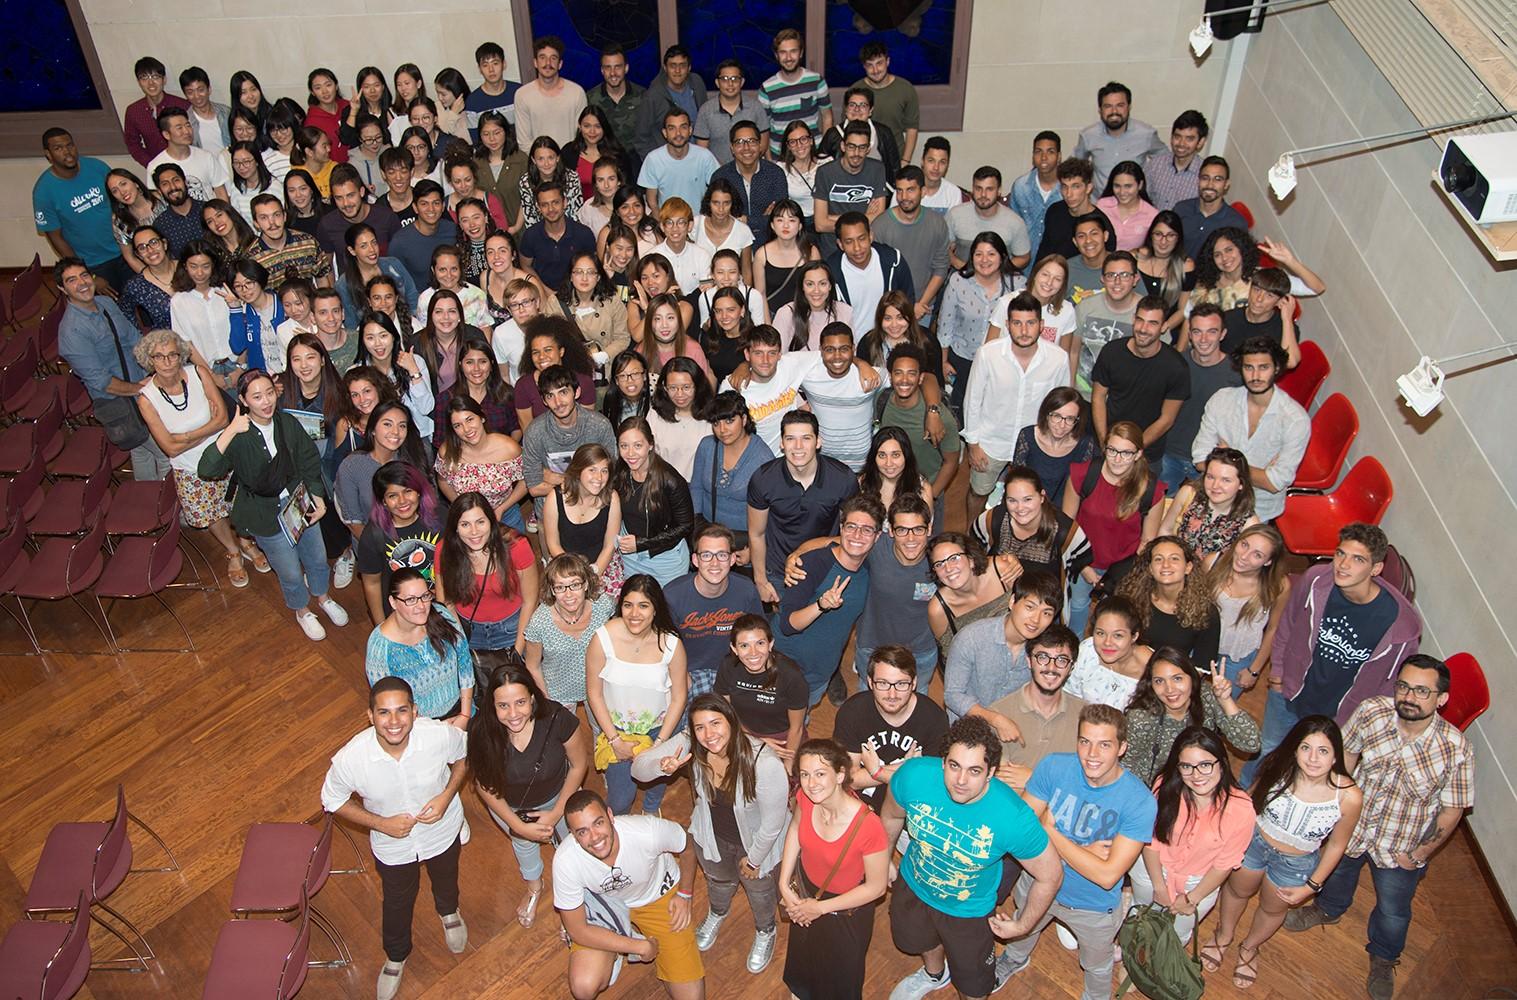 La Universitat de Lleida ofereix prop de 1.300 places per estudiar a l'estranger el curs vinent